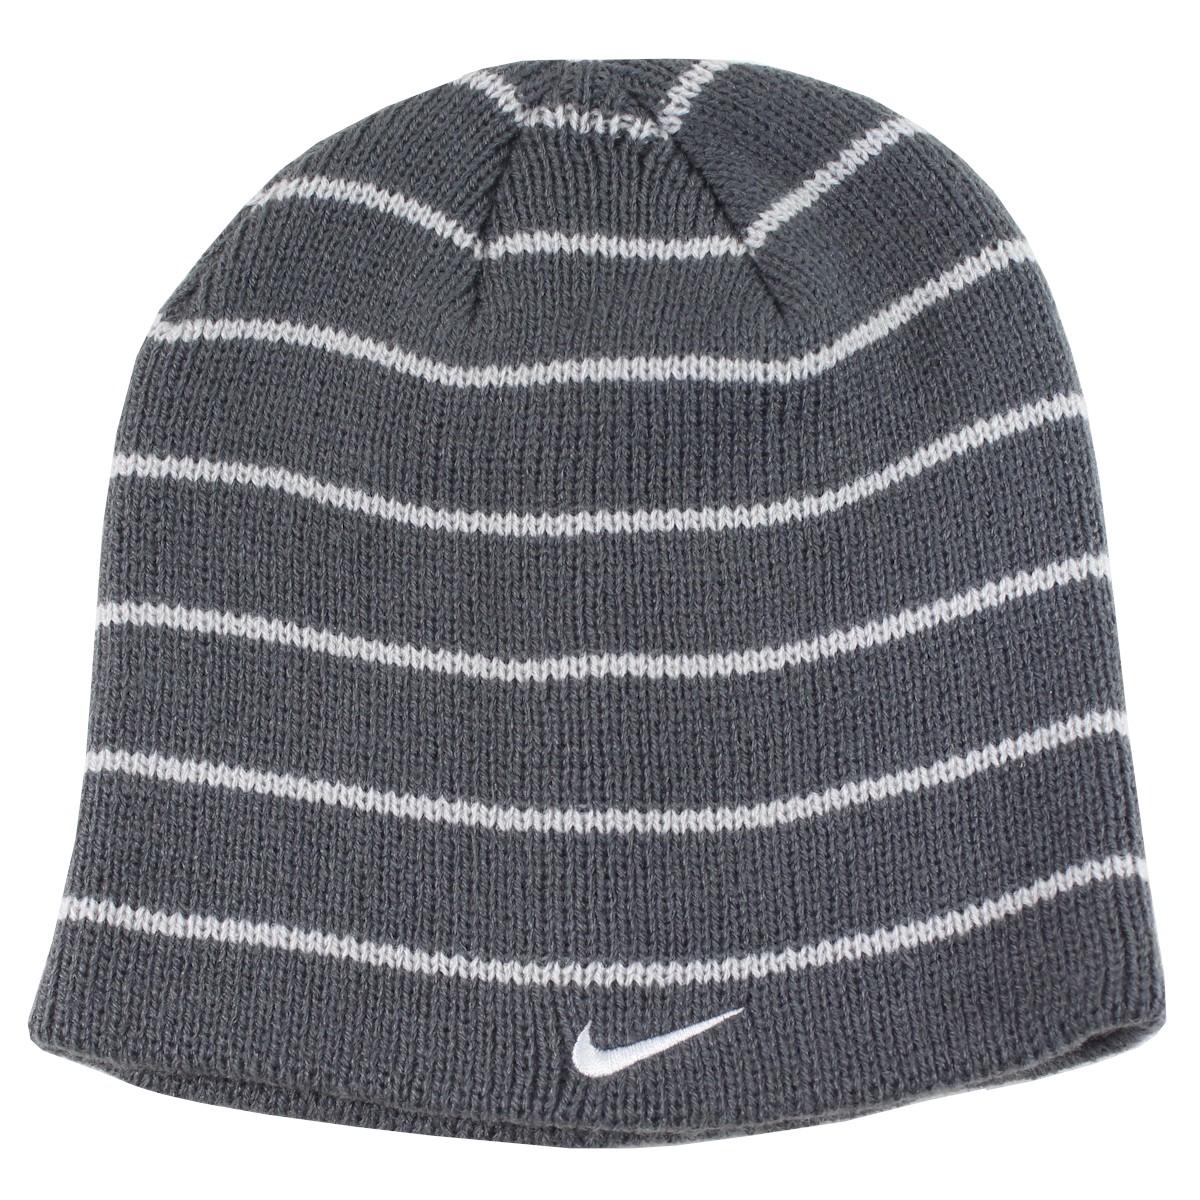 26824ad2b87c7 Nike Youth Boy s 8 20 Dark Grey Stripe Beanie Hat 617846196615